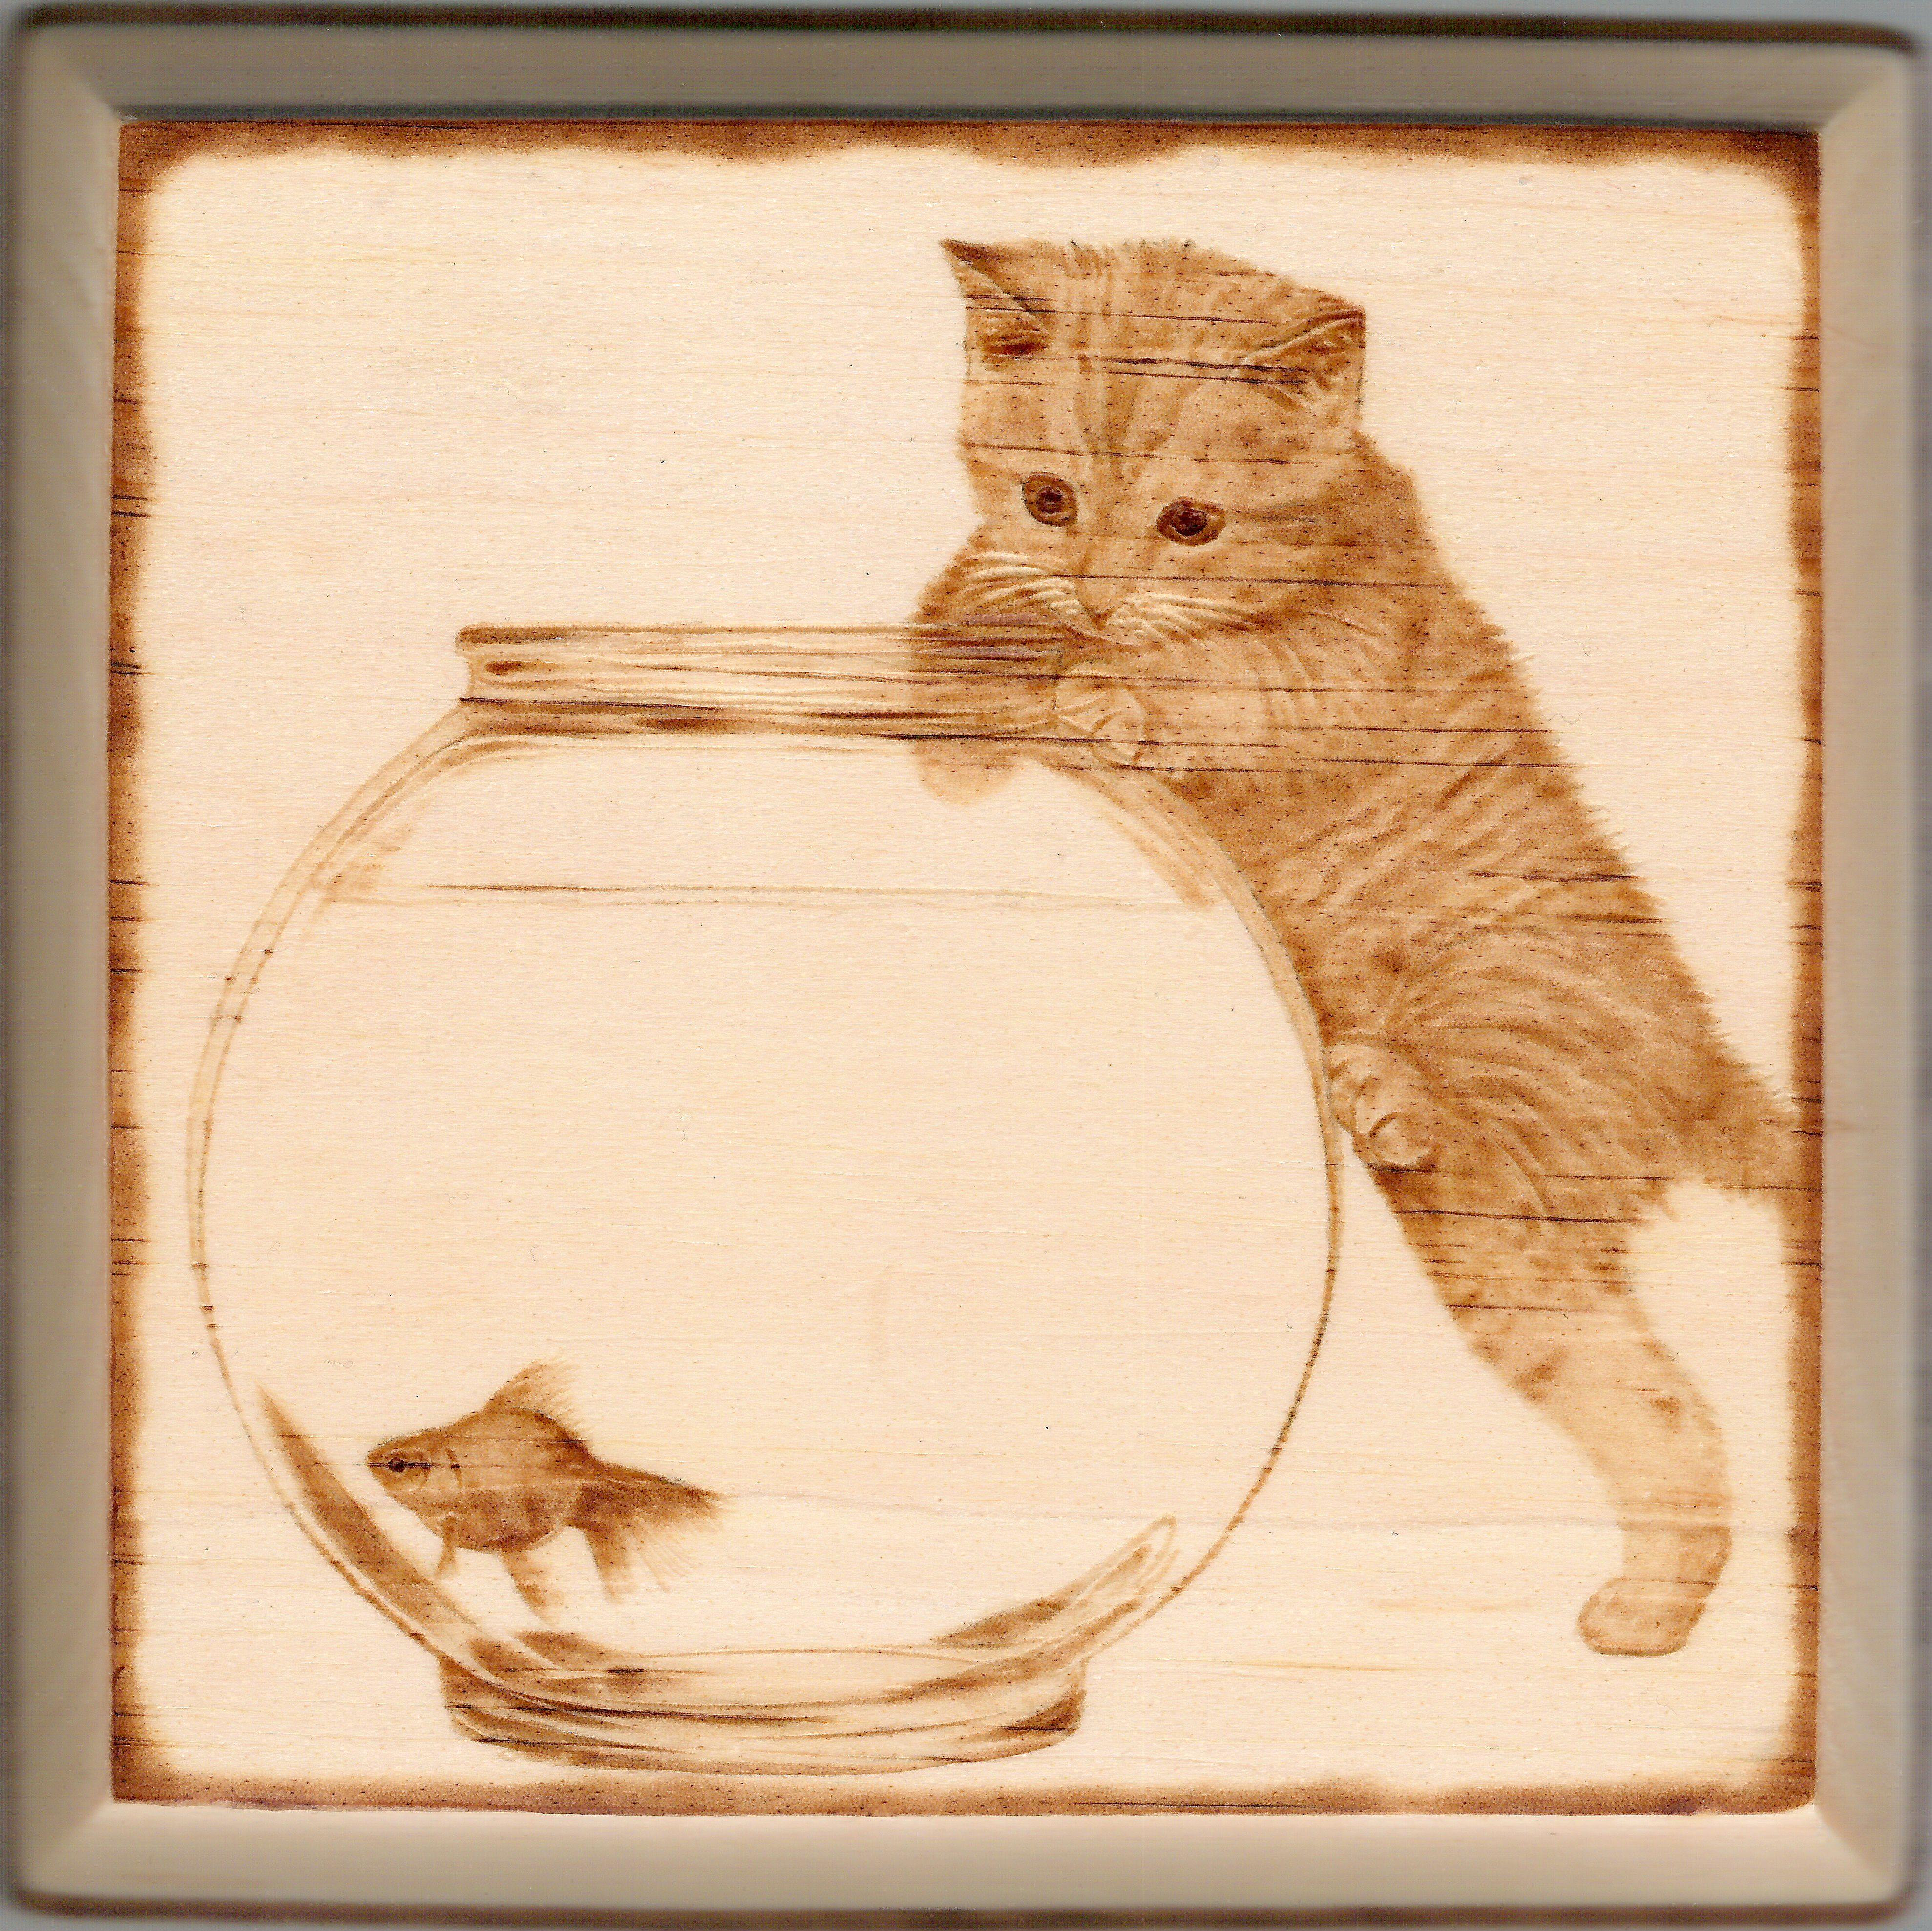 Выжигание по дереву картинки кошки